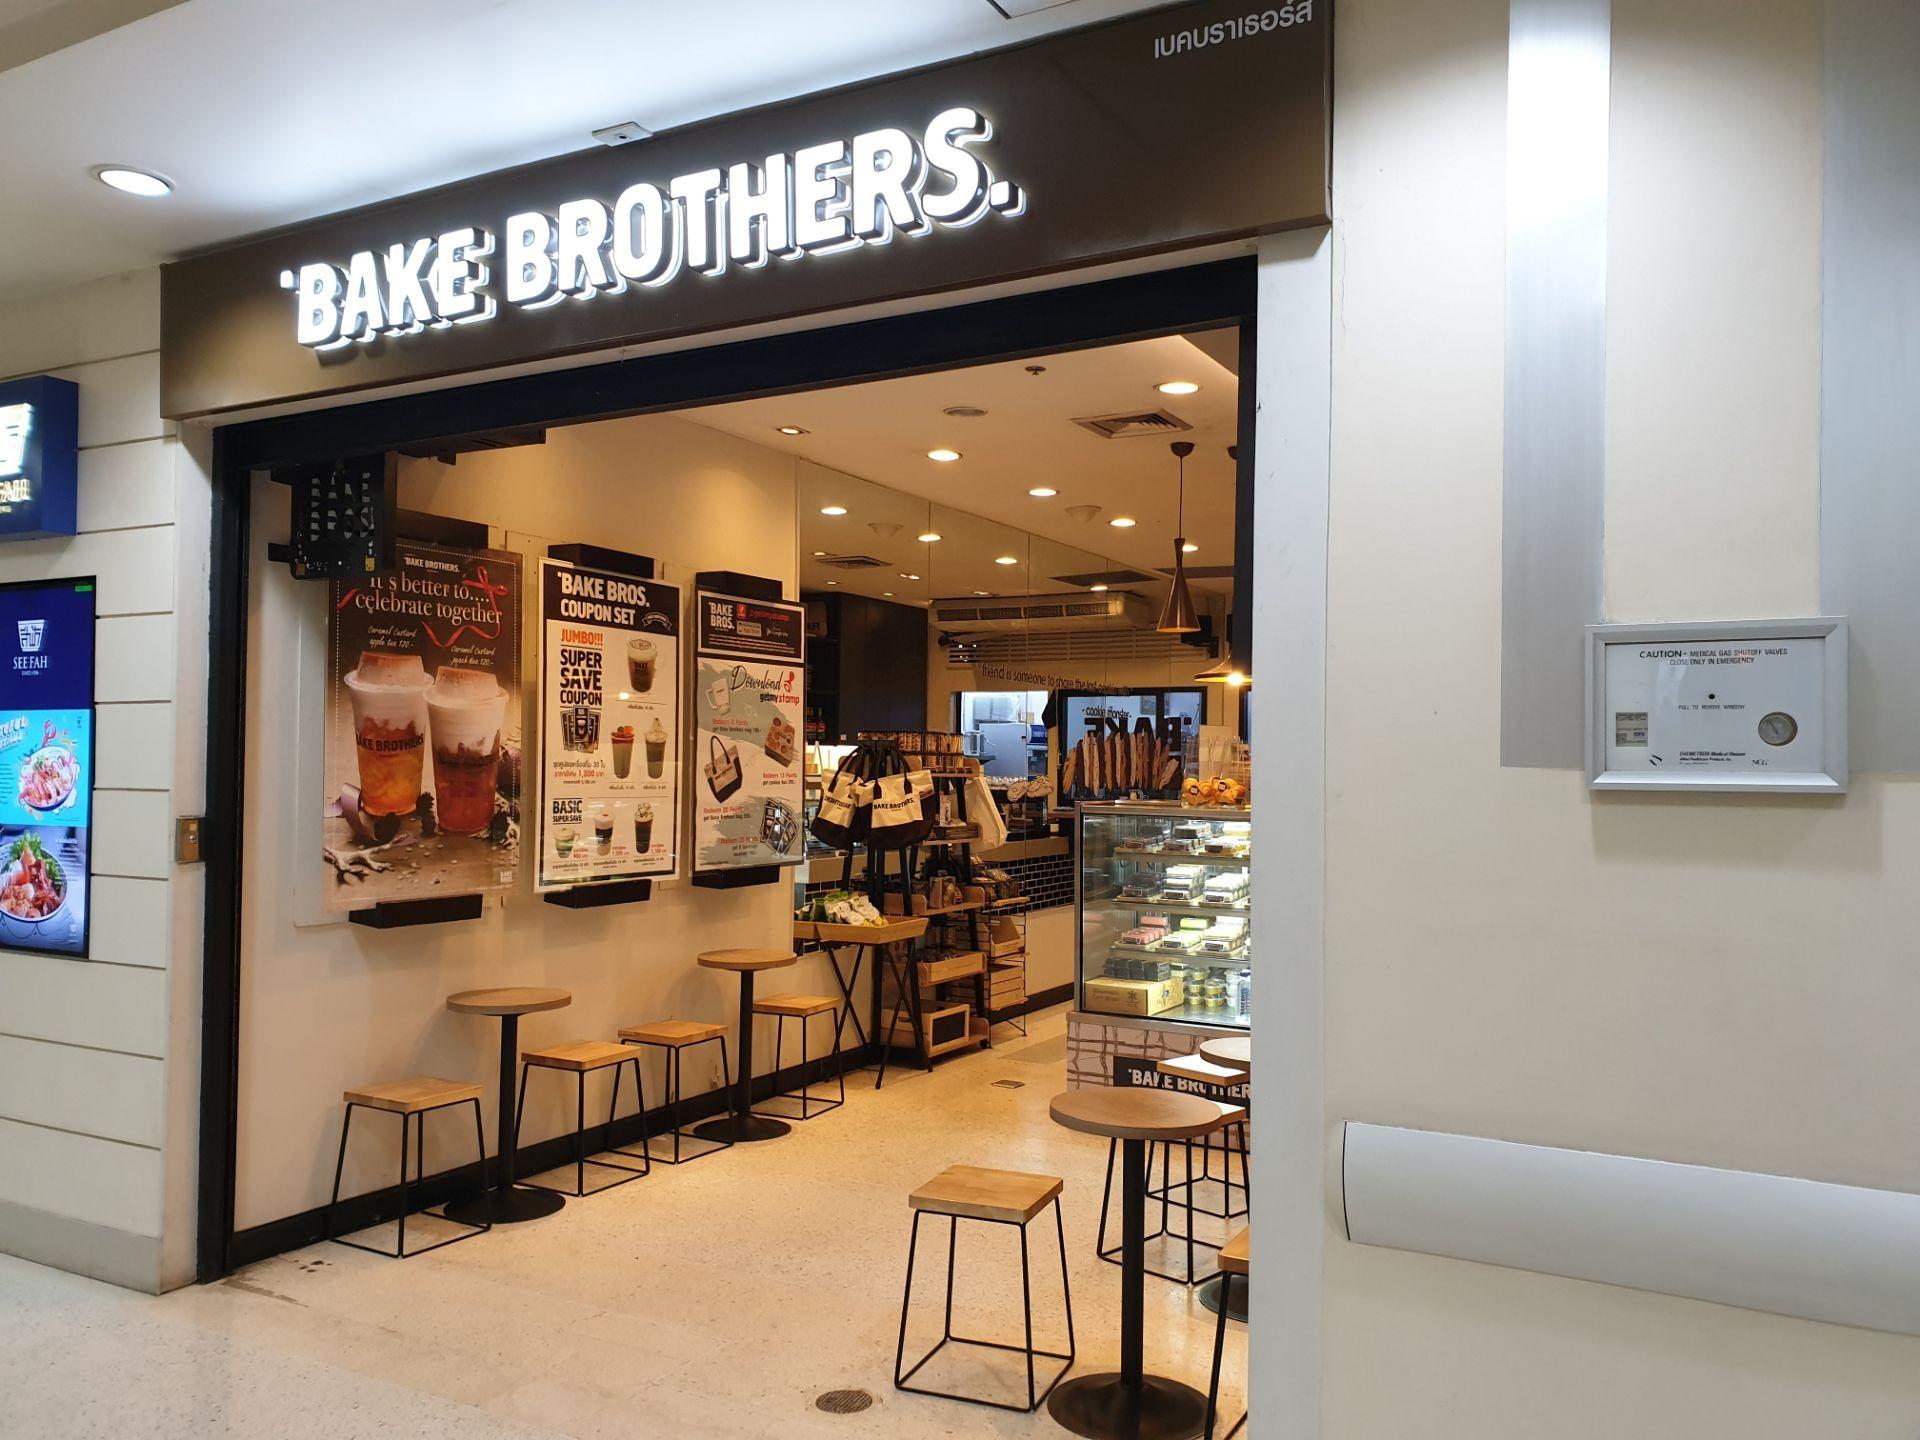 BAKE BROTHERS อาคารสมเด็จพระเทพรัตน์ โรงพยาบาลรามาธิบดี